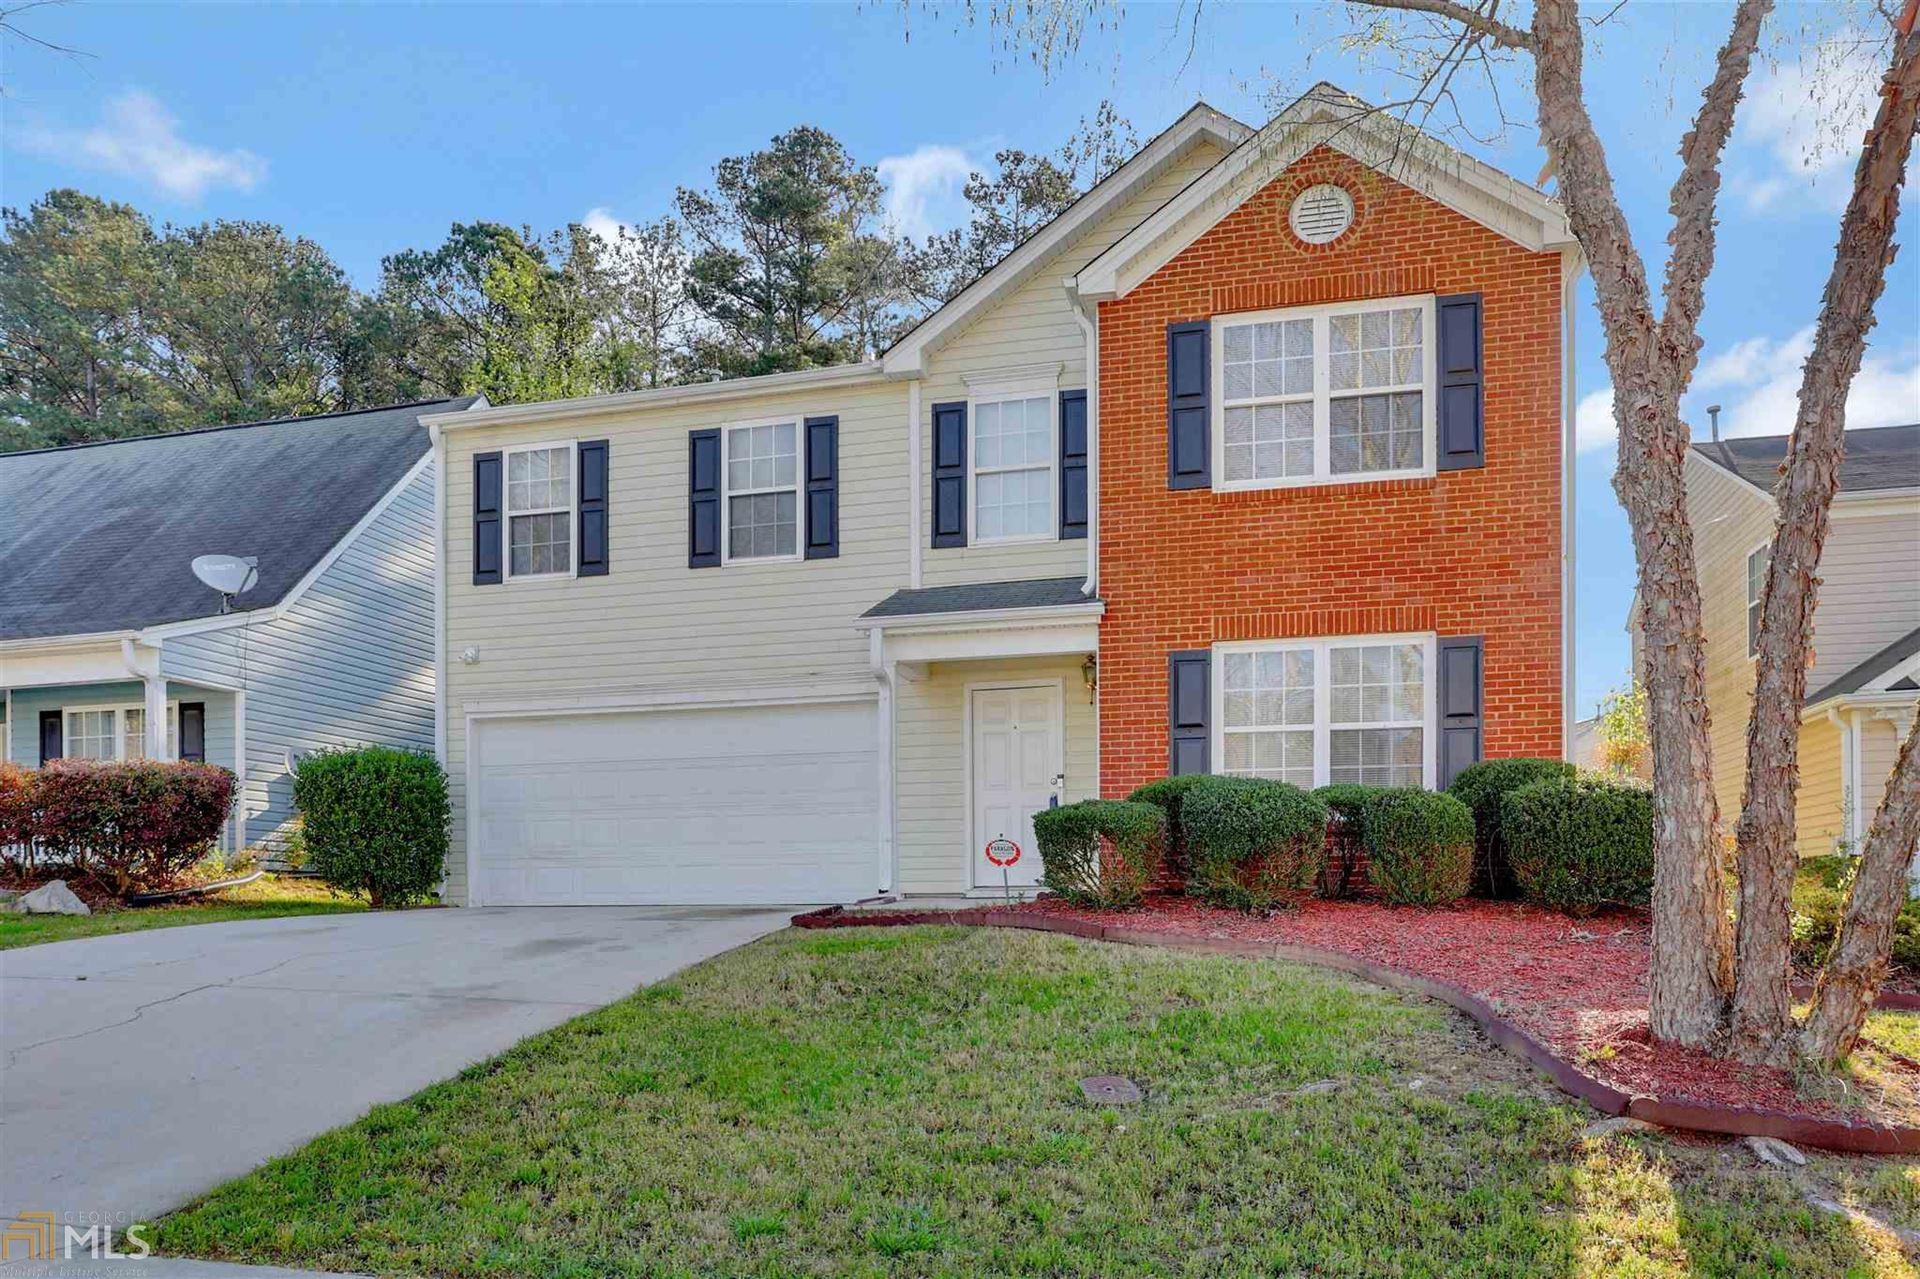 5810 Sable Glen Rd, Atlanta, GA 30349 - #: 8955666